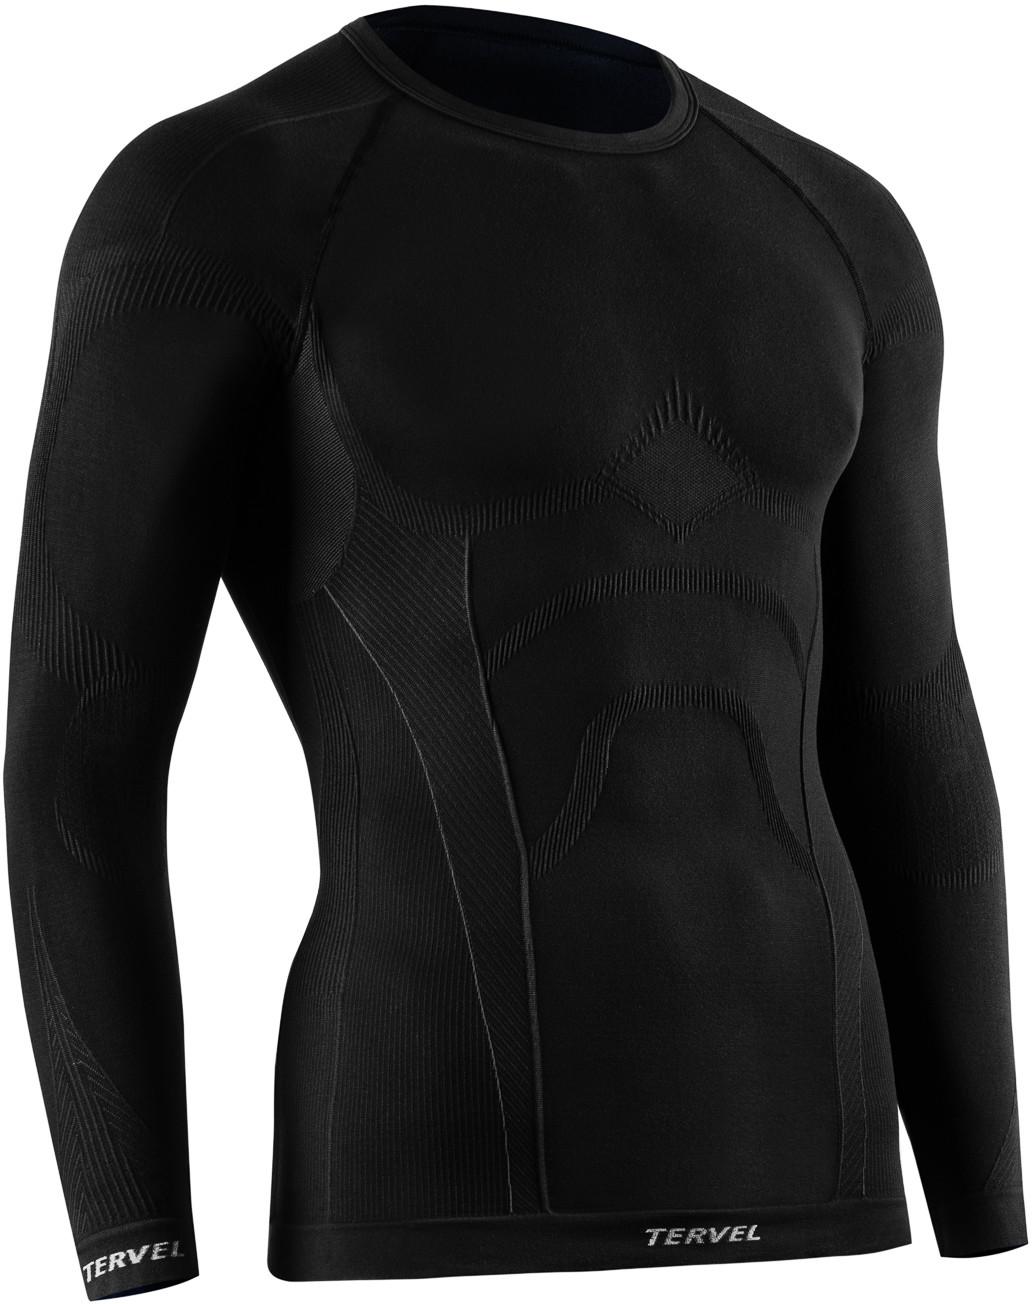 TERVEL COMFORTLINE 1002 męska koszulka termoaktywna długi rękaw kolor Czarny